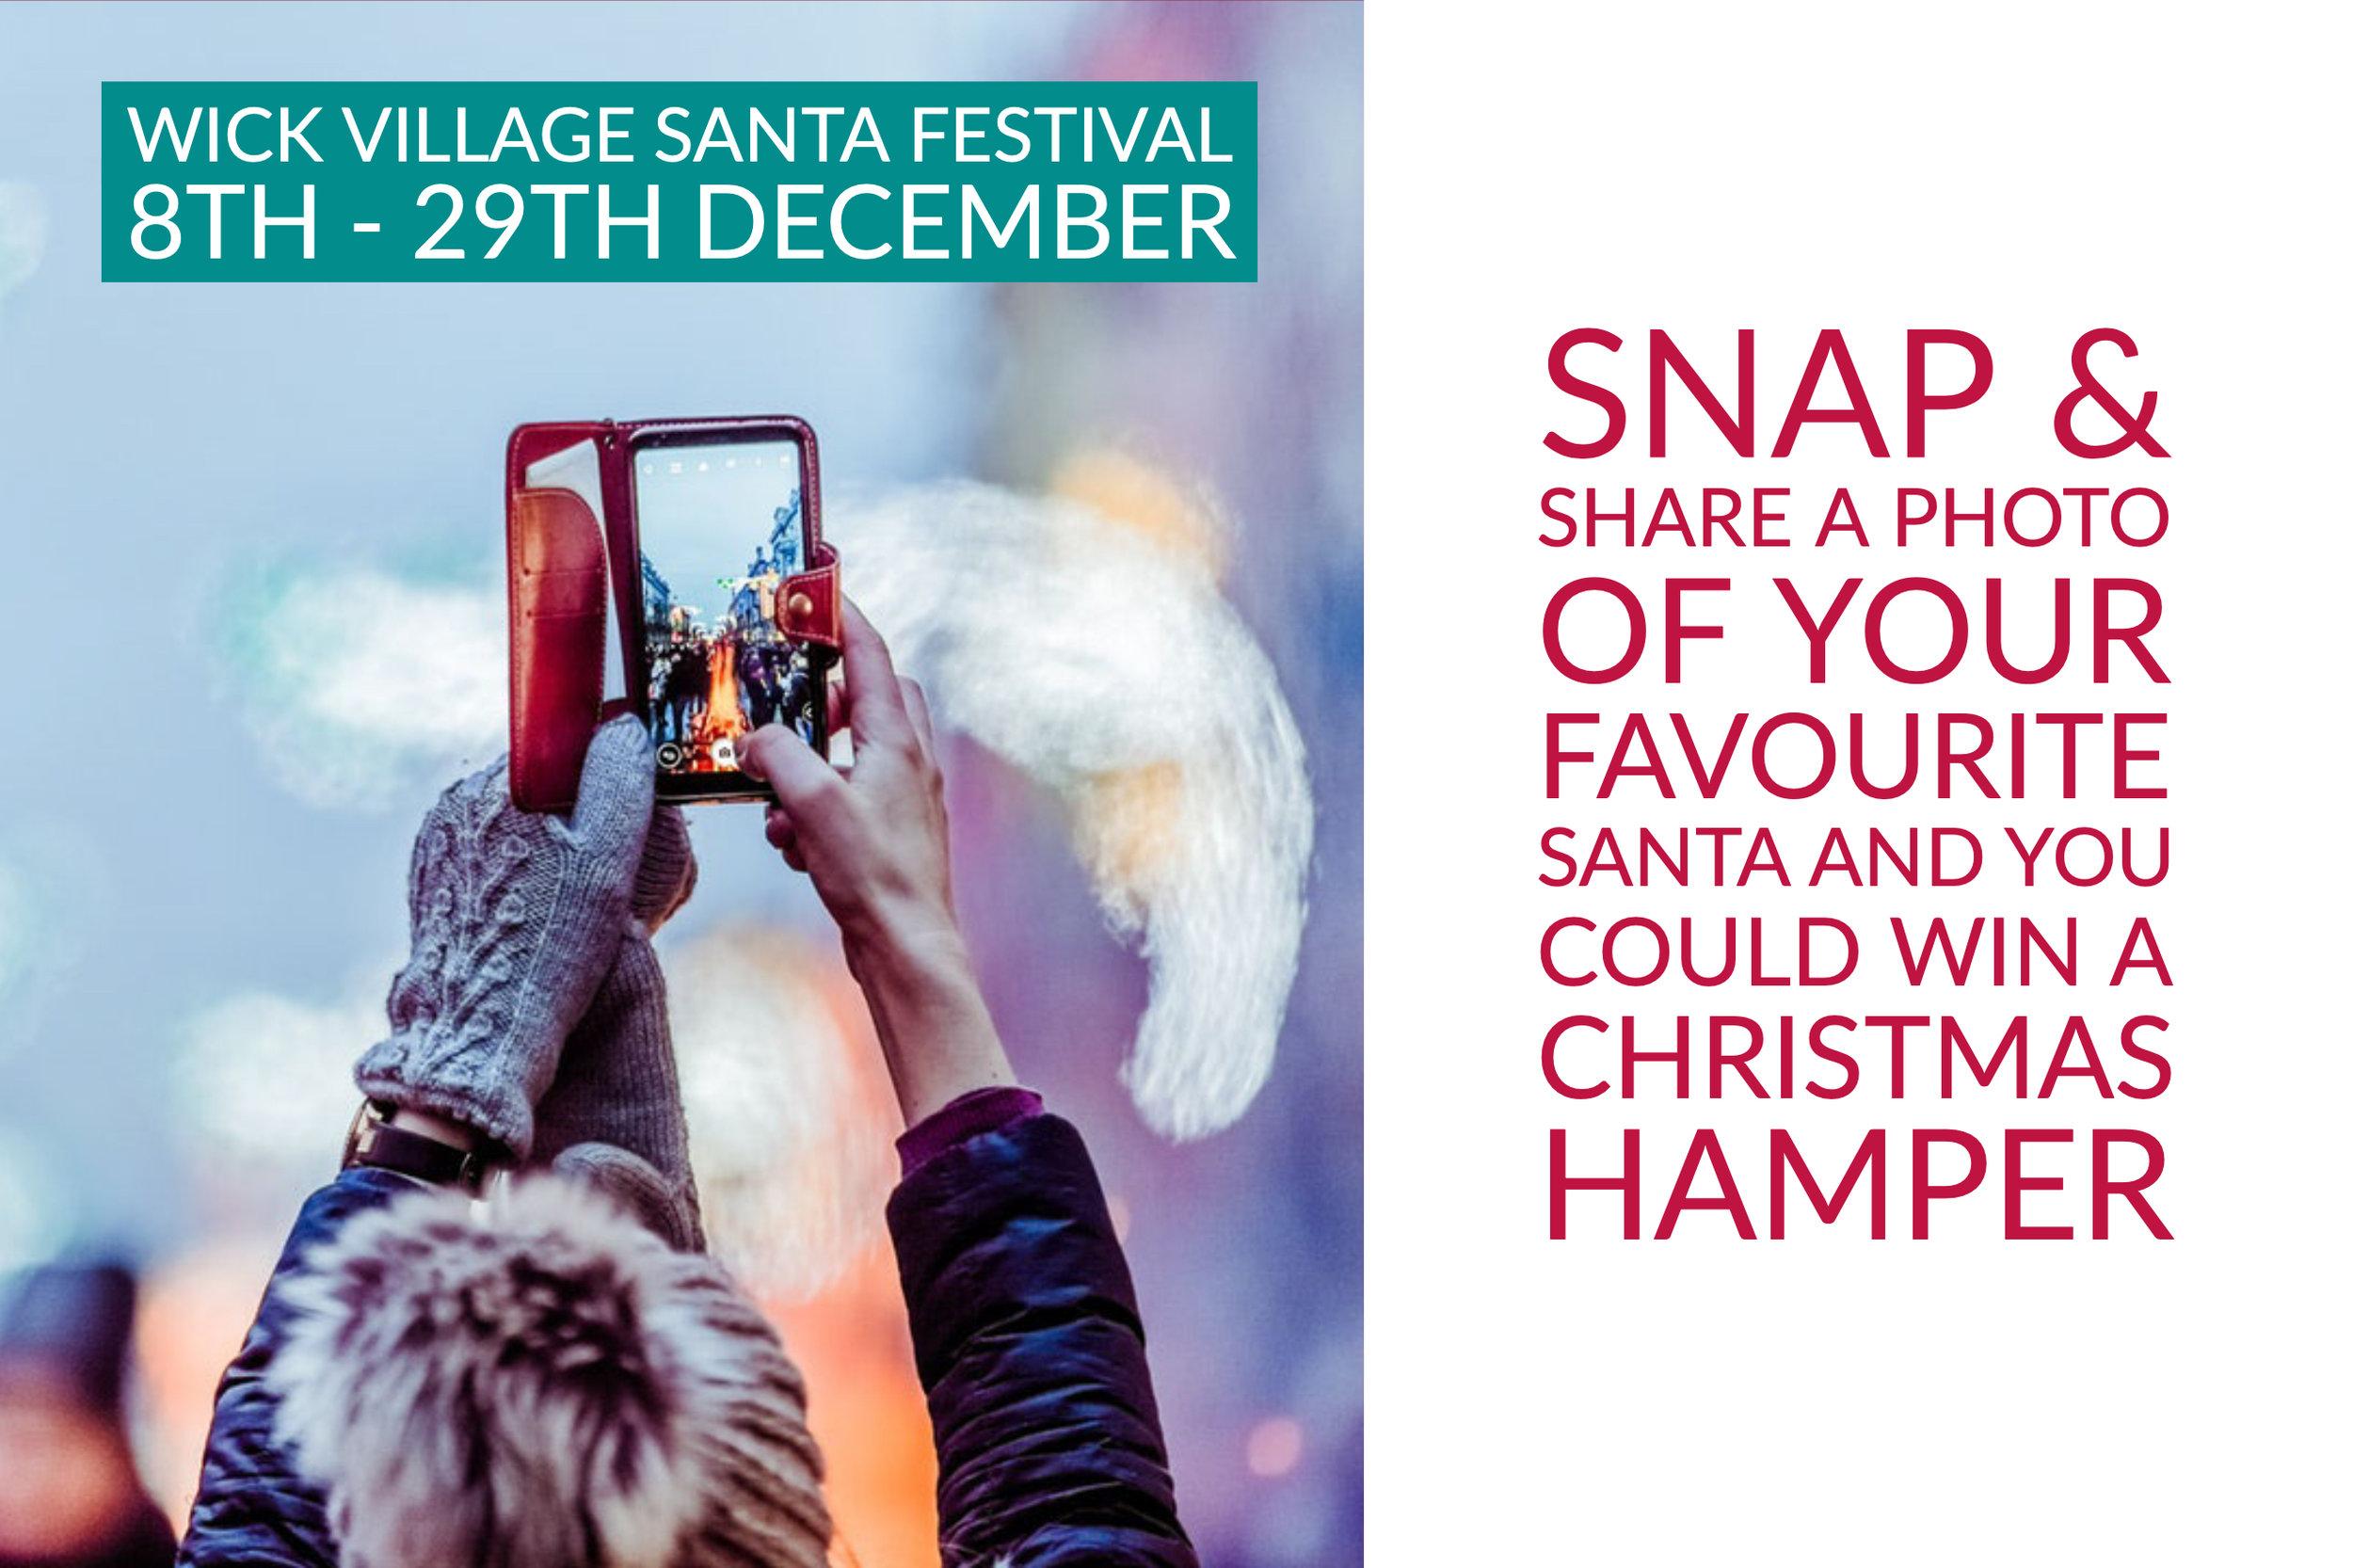 The Wick Village Santa Festival Photo Competition.